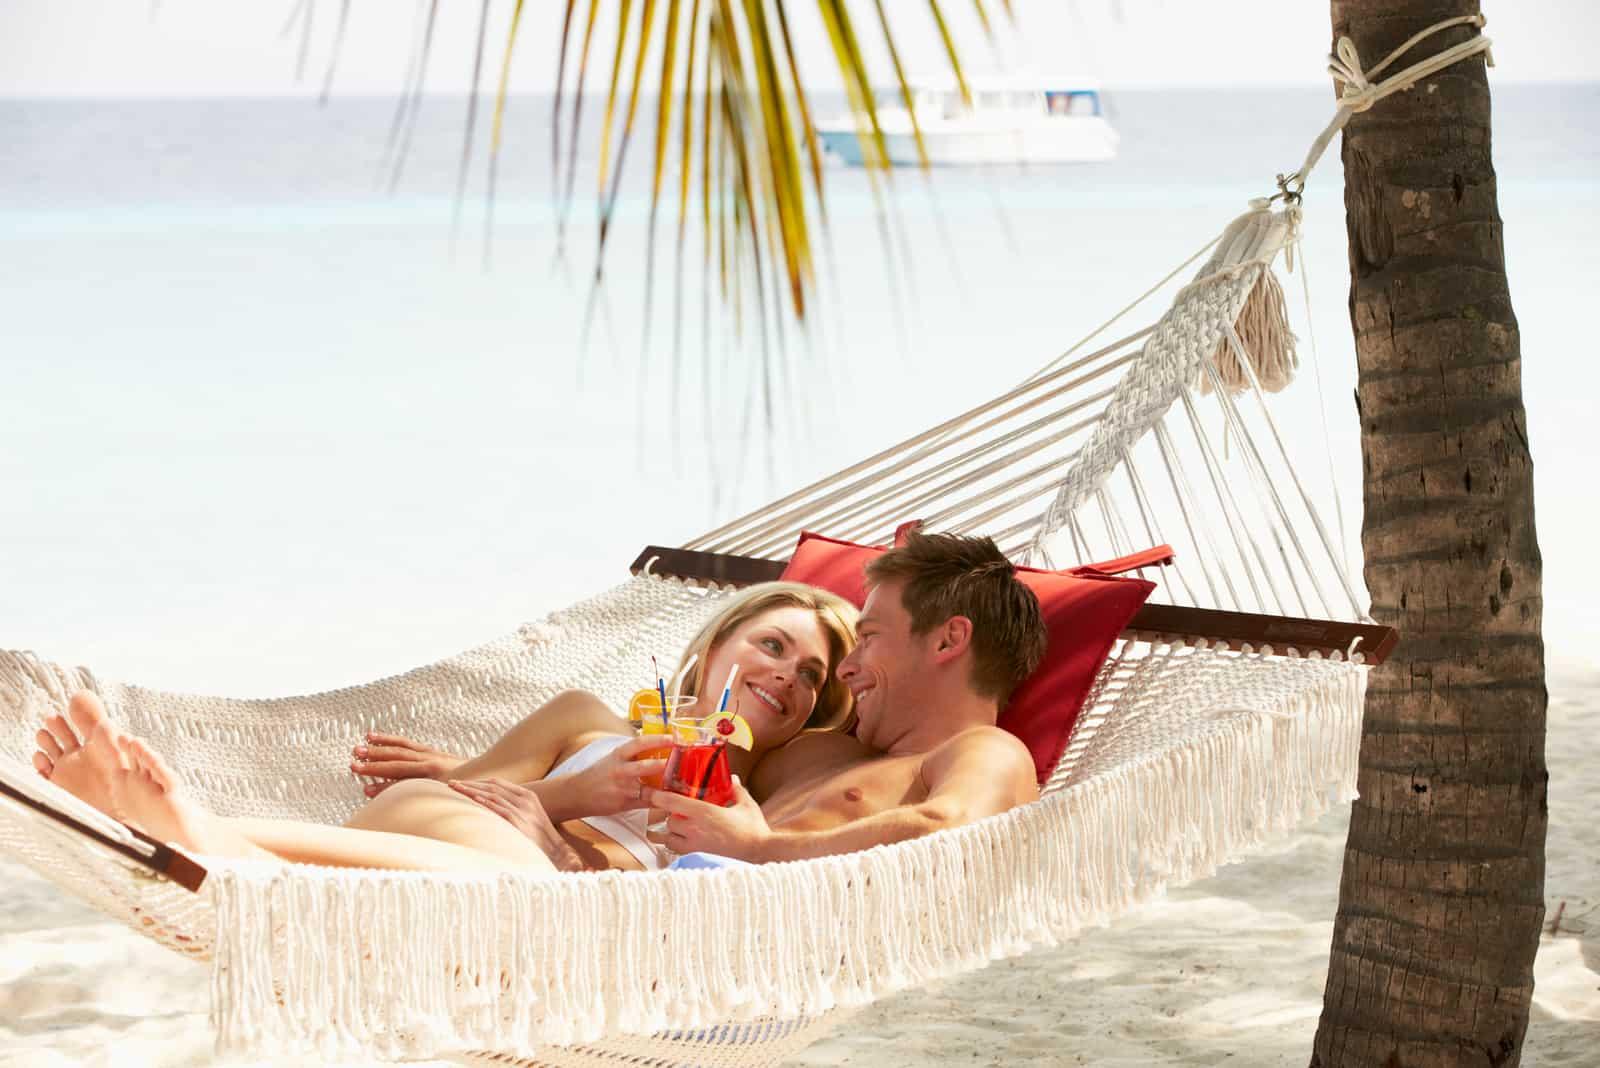 ein liebendes Paar, das in einer Schaukel am Strand liegt